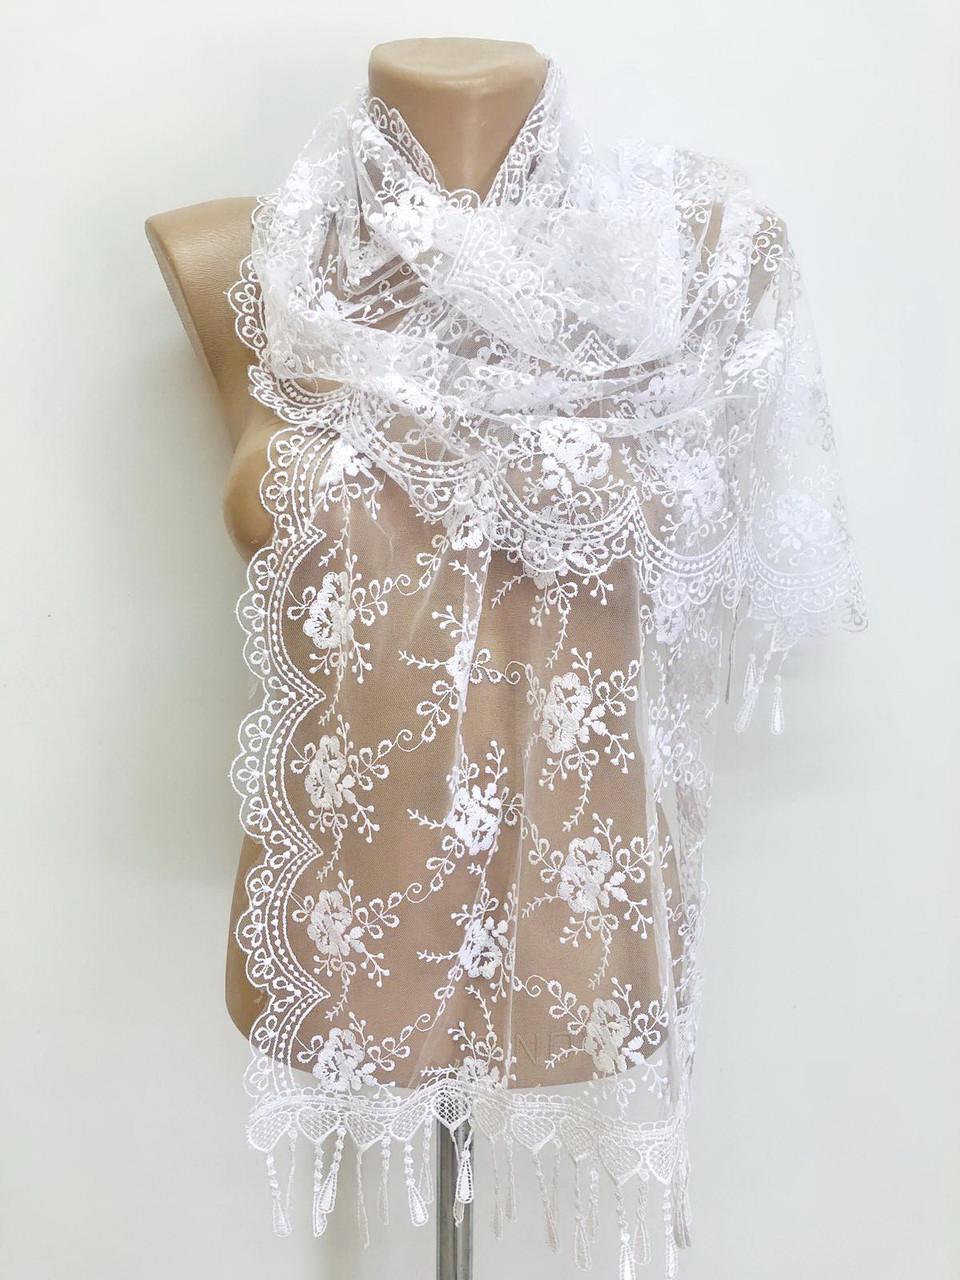 Шарф белый ажурный фатиновый свадебный церковный 150024